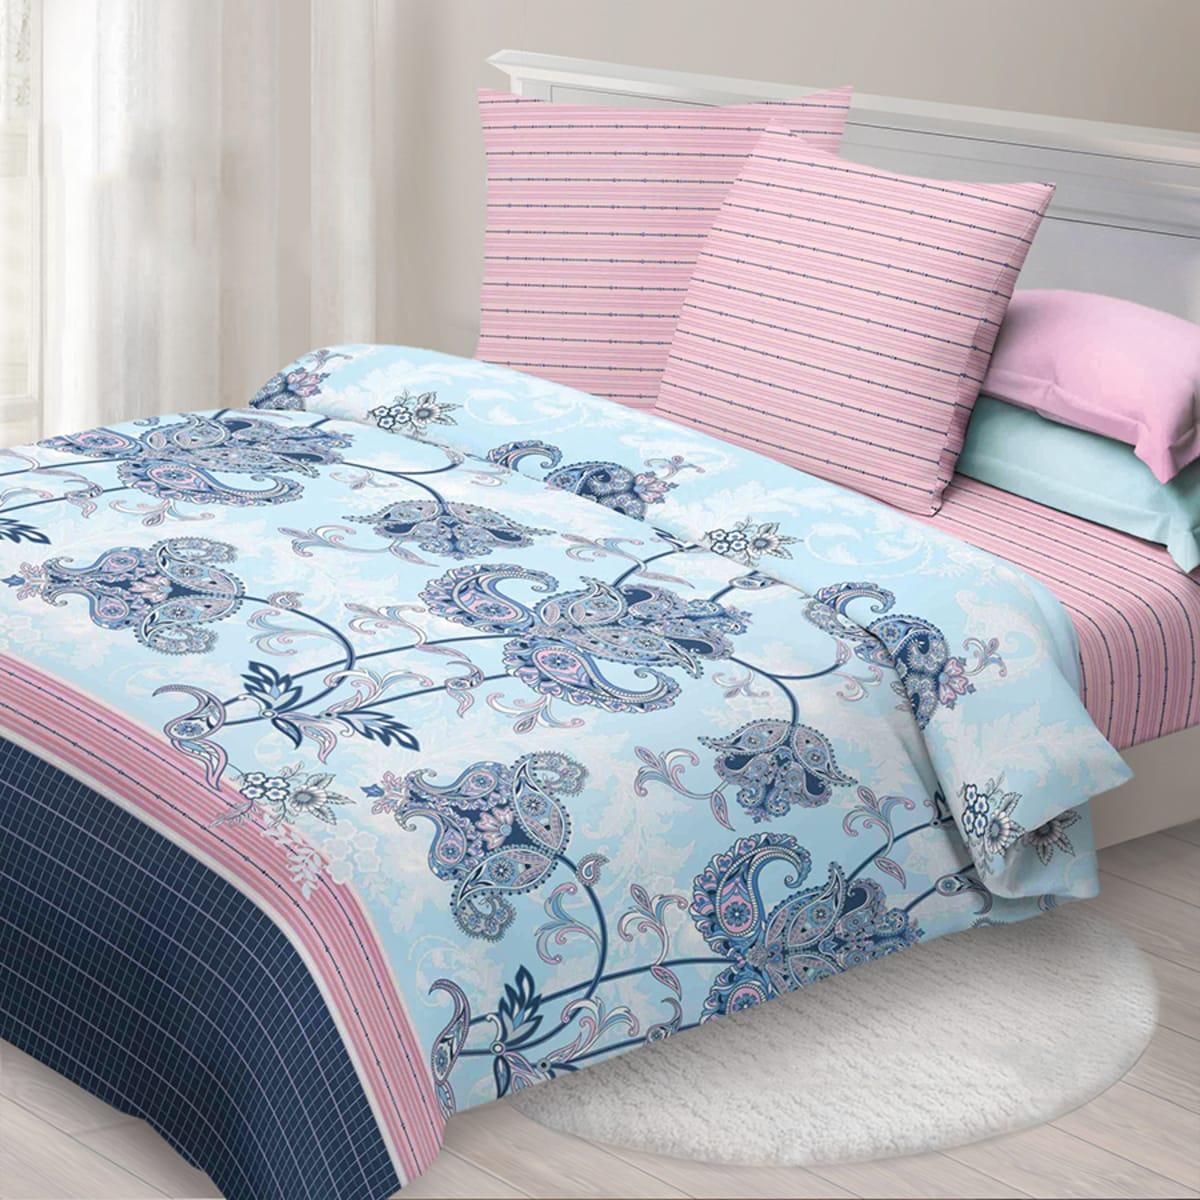 Комплект постельного белья «Сказка» семейный, бязь